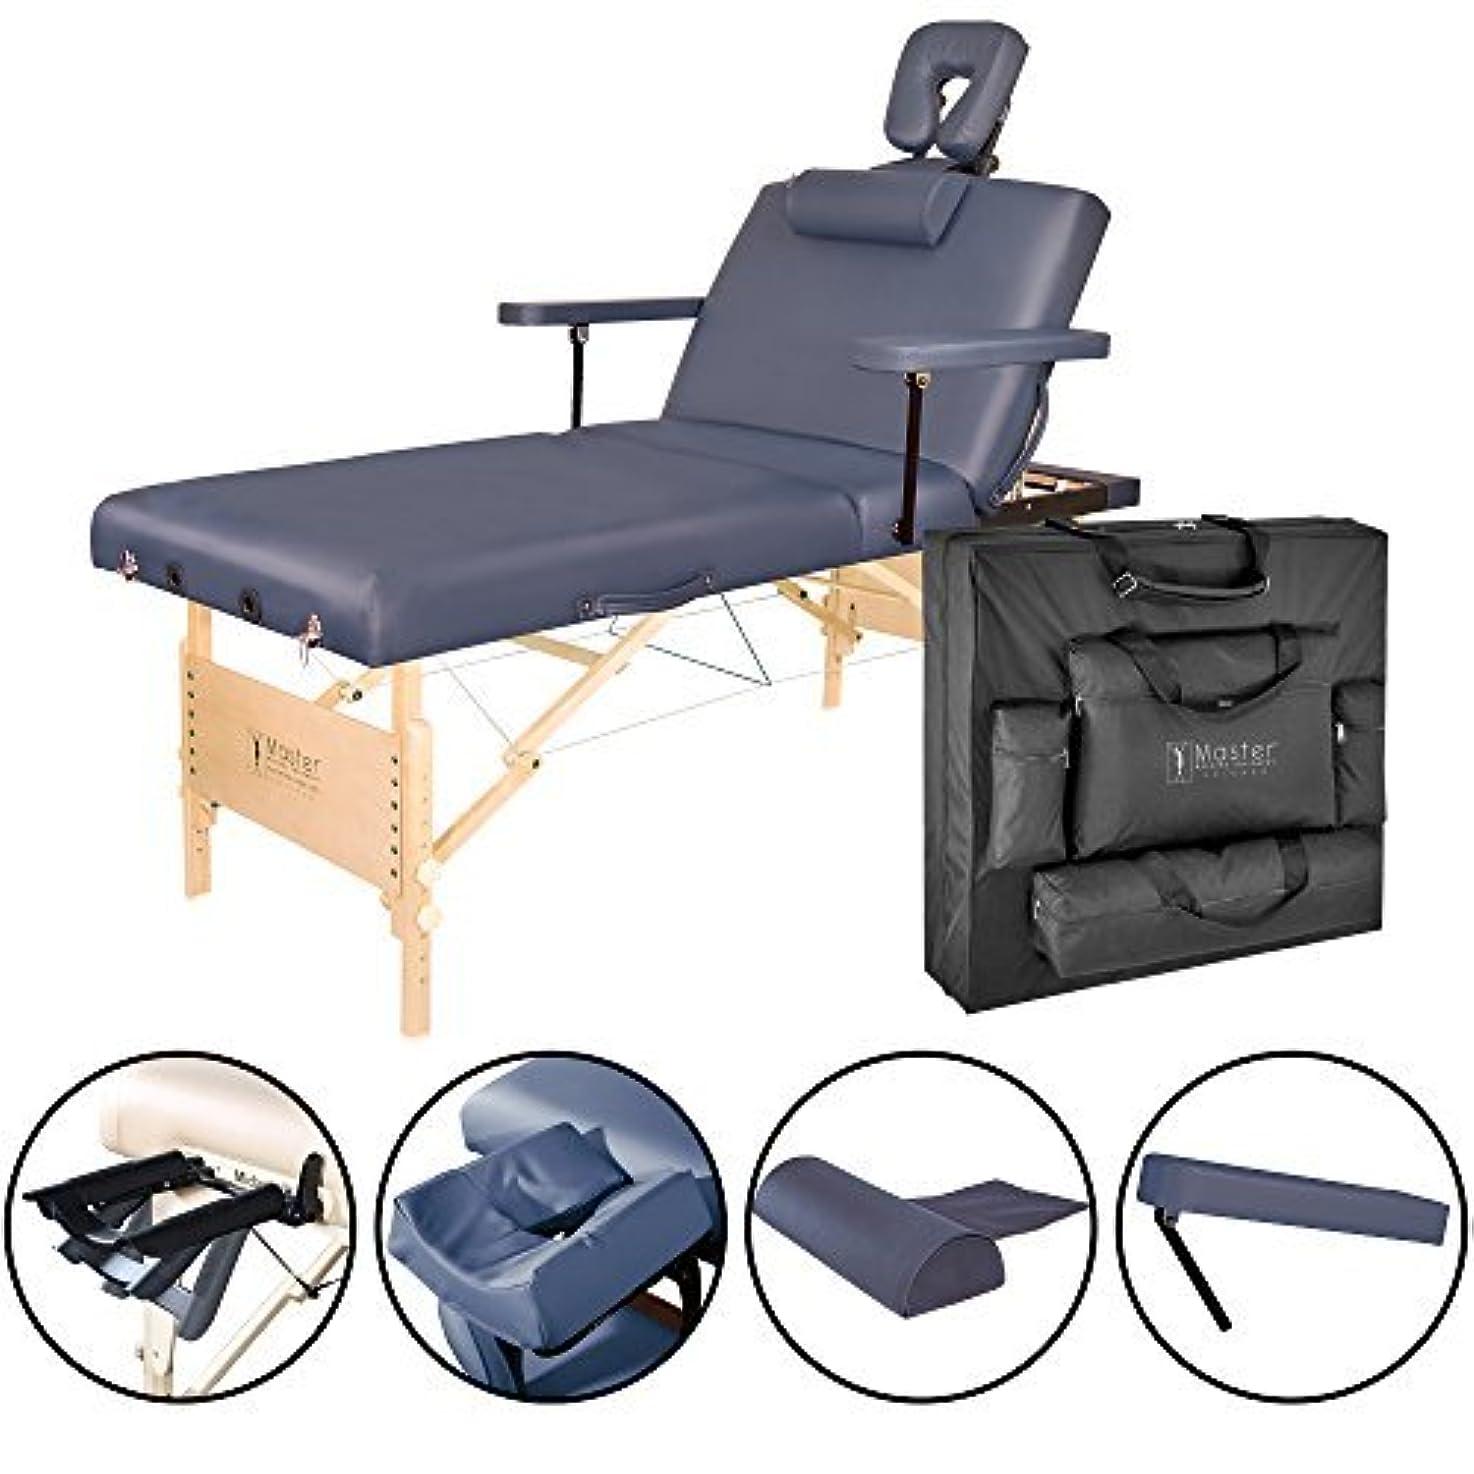 直径簿記係原稿Master Massage Coronado Salon LX Portable Massage Table Package Royal Blue 31 Inch [並行輸入品]